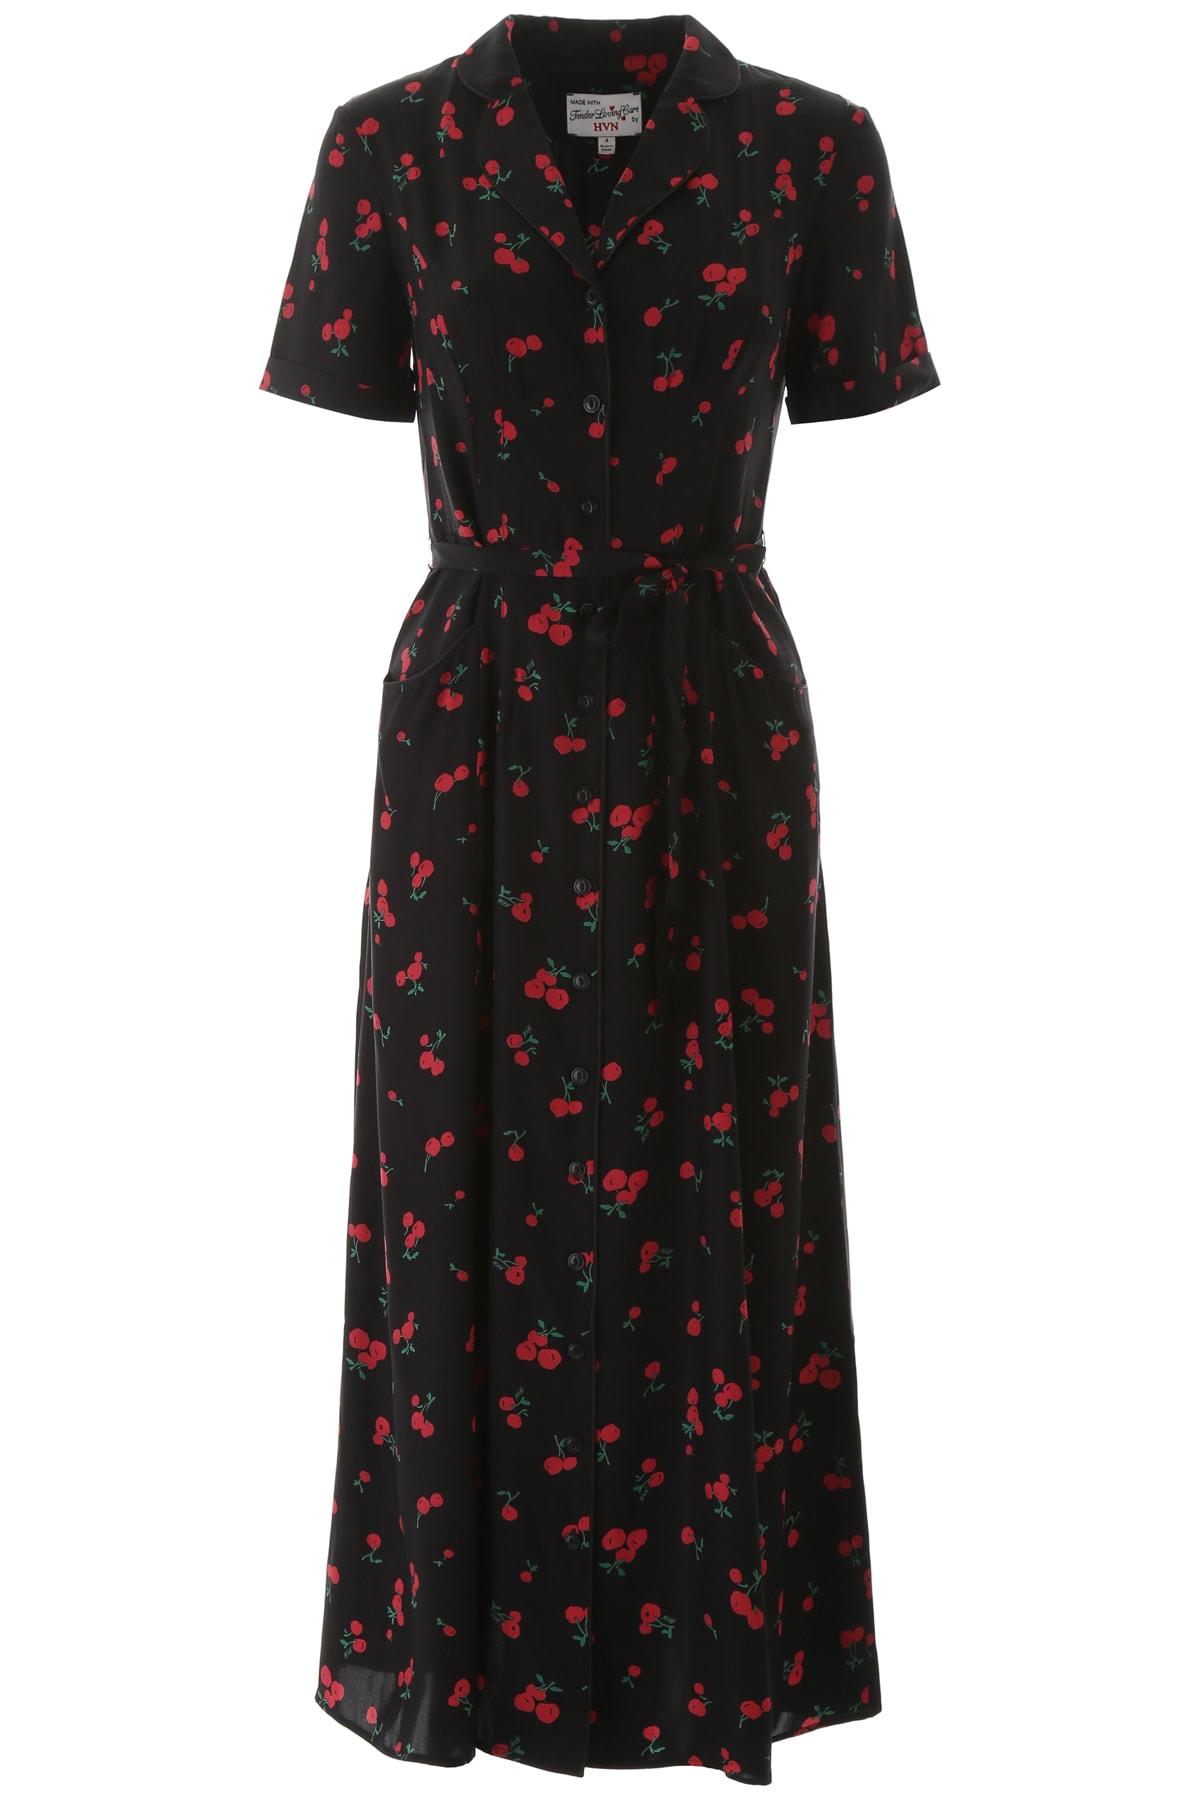 HVN Silk Maria Dress